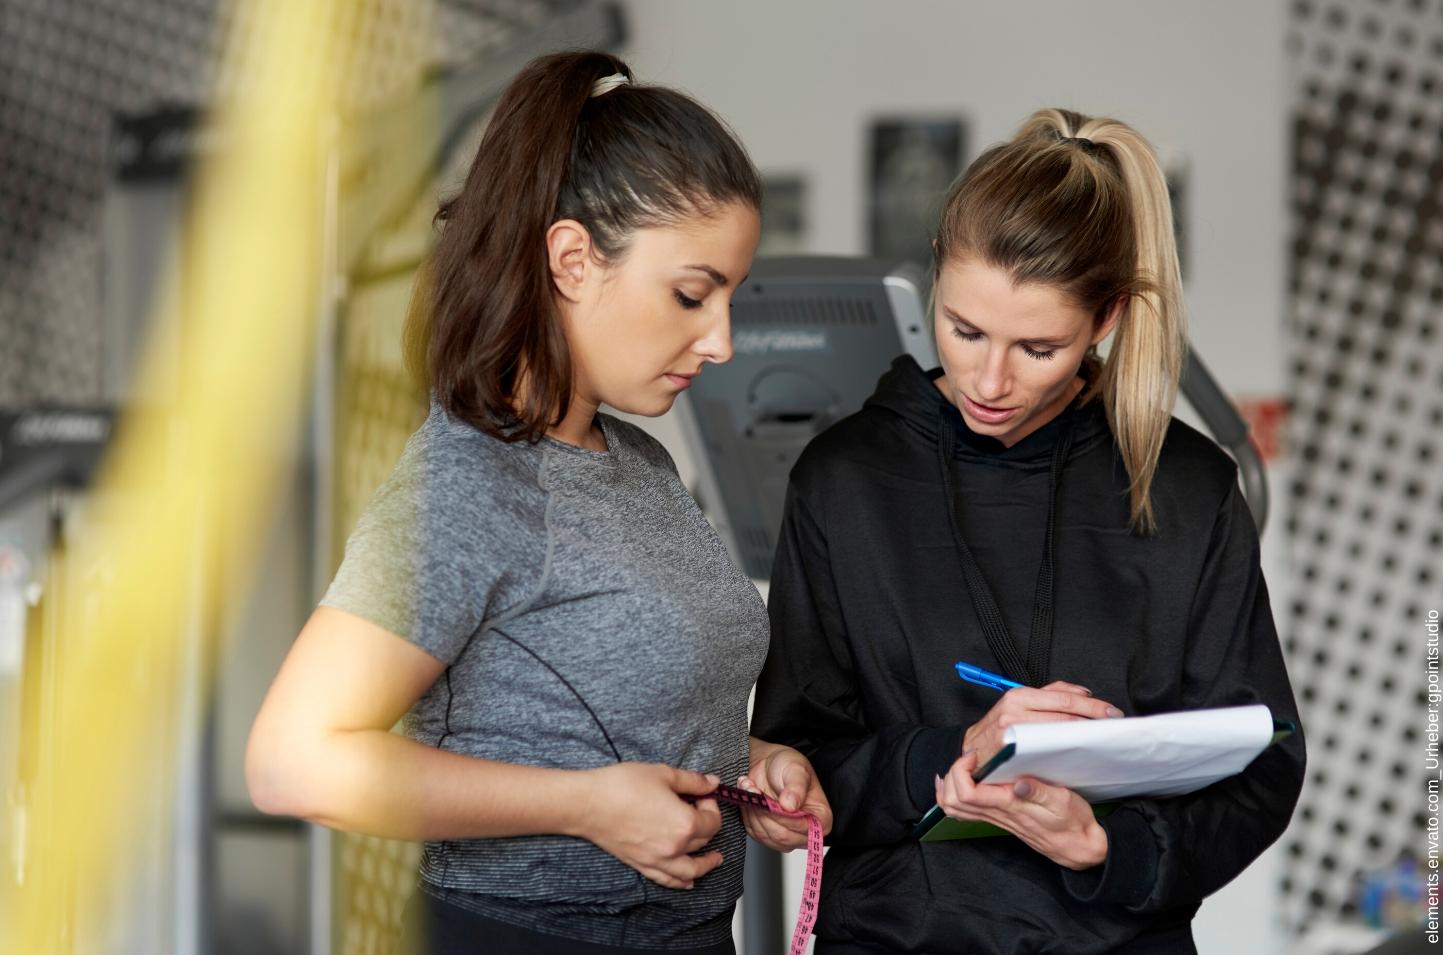 Fernstudium Medical Fitnesscoach und der Unterschied zum normalen Fitnesstrainer